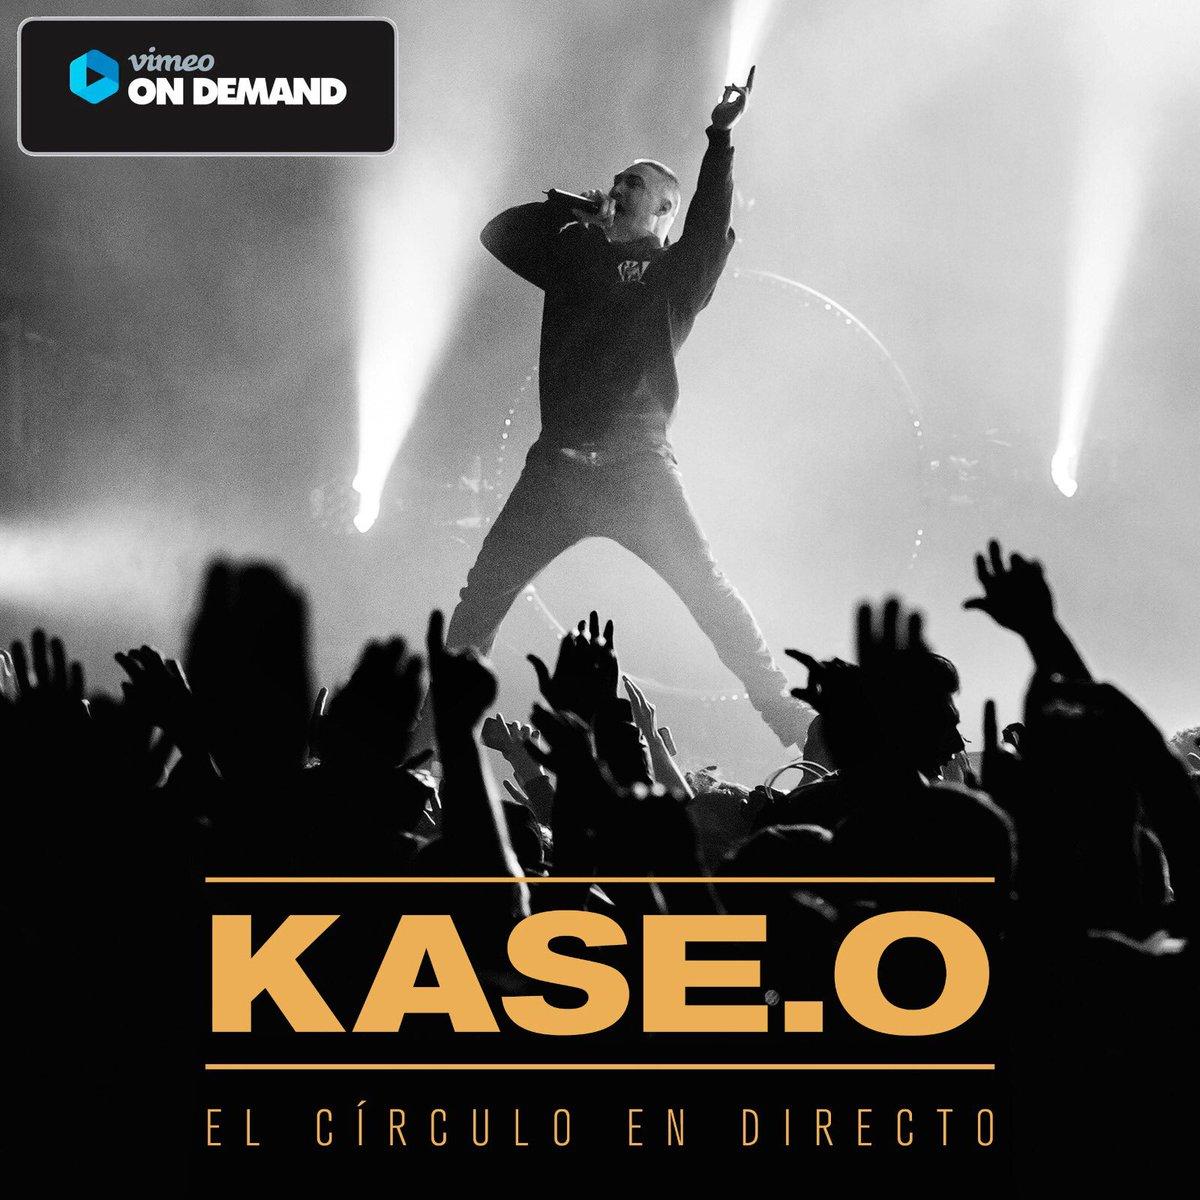 YA DISPONIBLE las casi 2 horas de concierto de EL CÍRCULO en directo    En @Vimeo descarga disponible mundialmente   Aquí: https://t.co/IsAEzpCFqE https://t.co/z3QQ7GoxD4